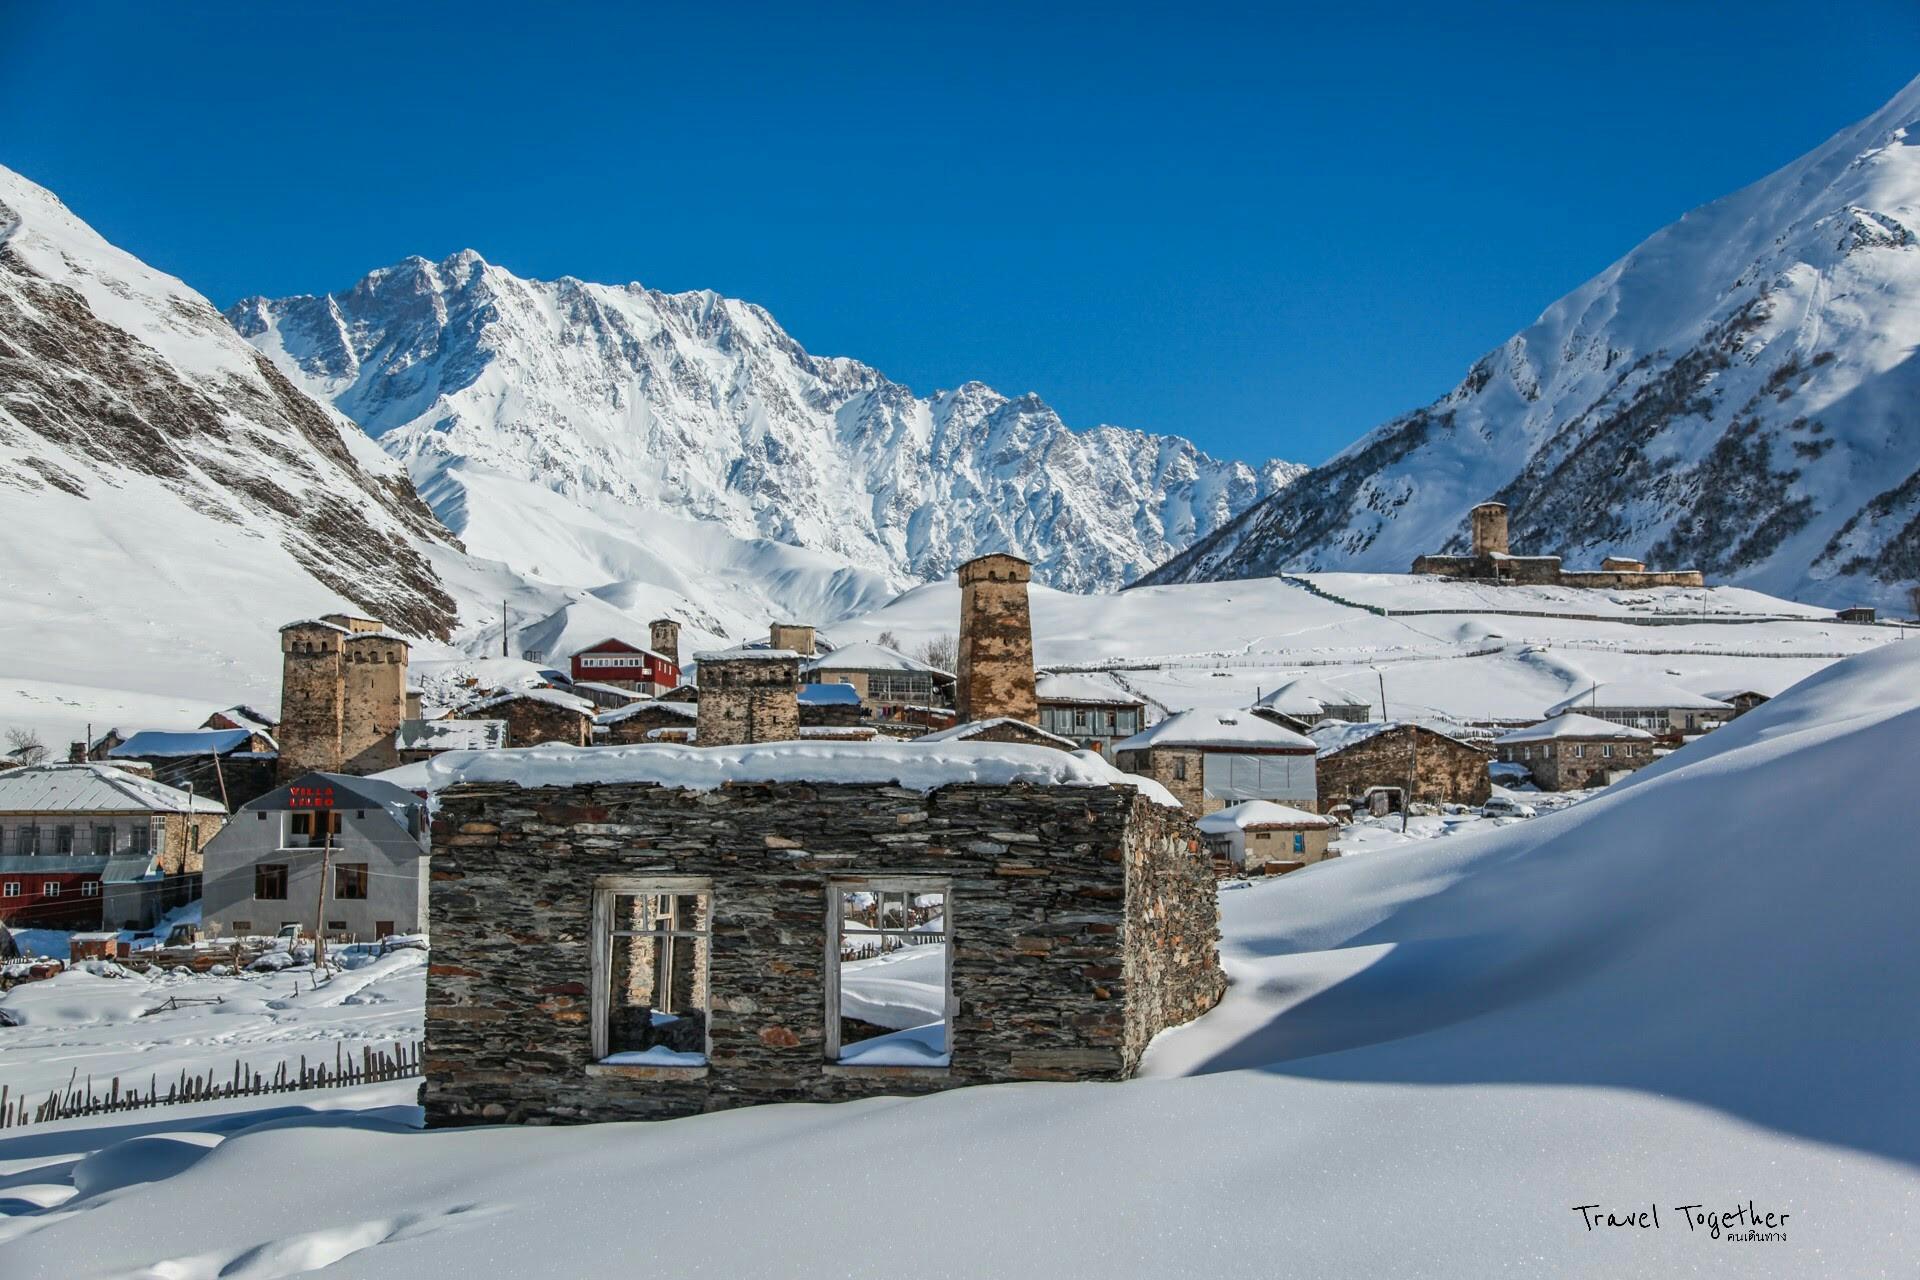 ความงามของ Ushguli ชุมชนมรดกโลก และหมู่บ้านที่สูงสุดที่สุดในทวีปยุโรป